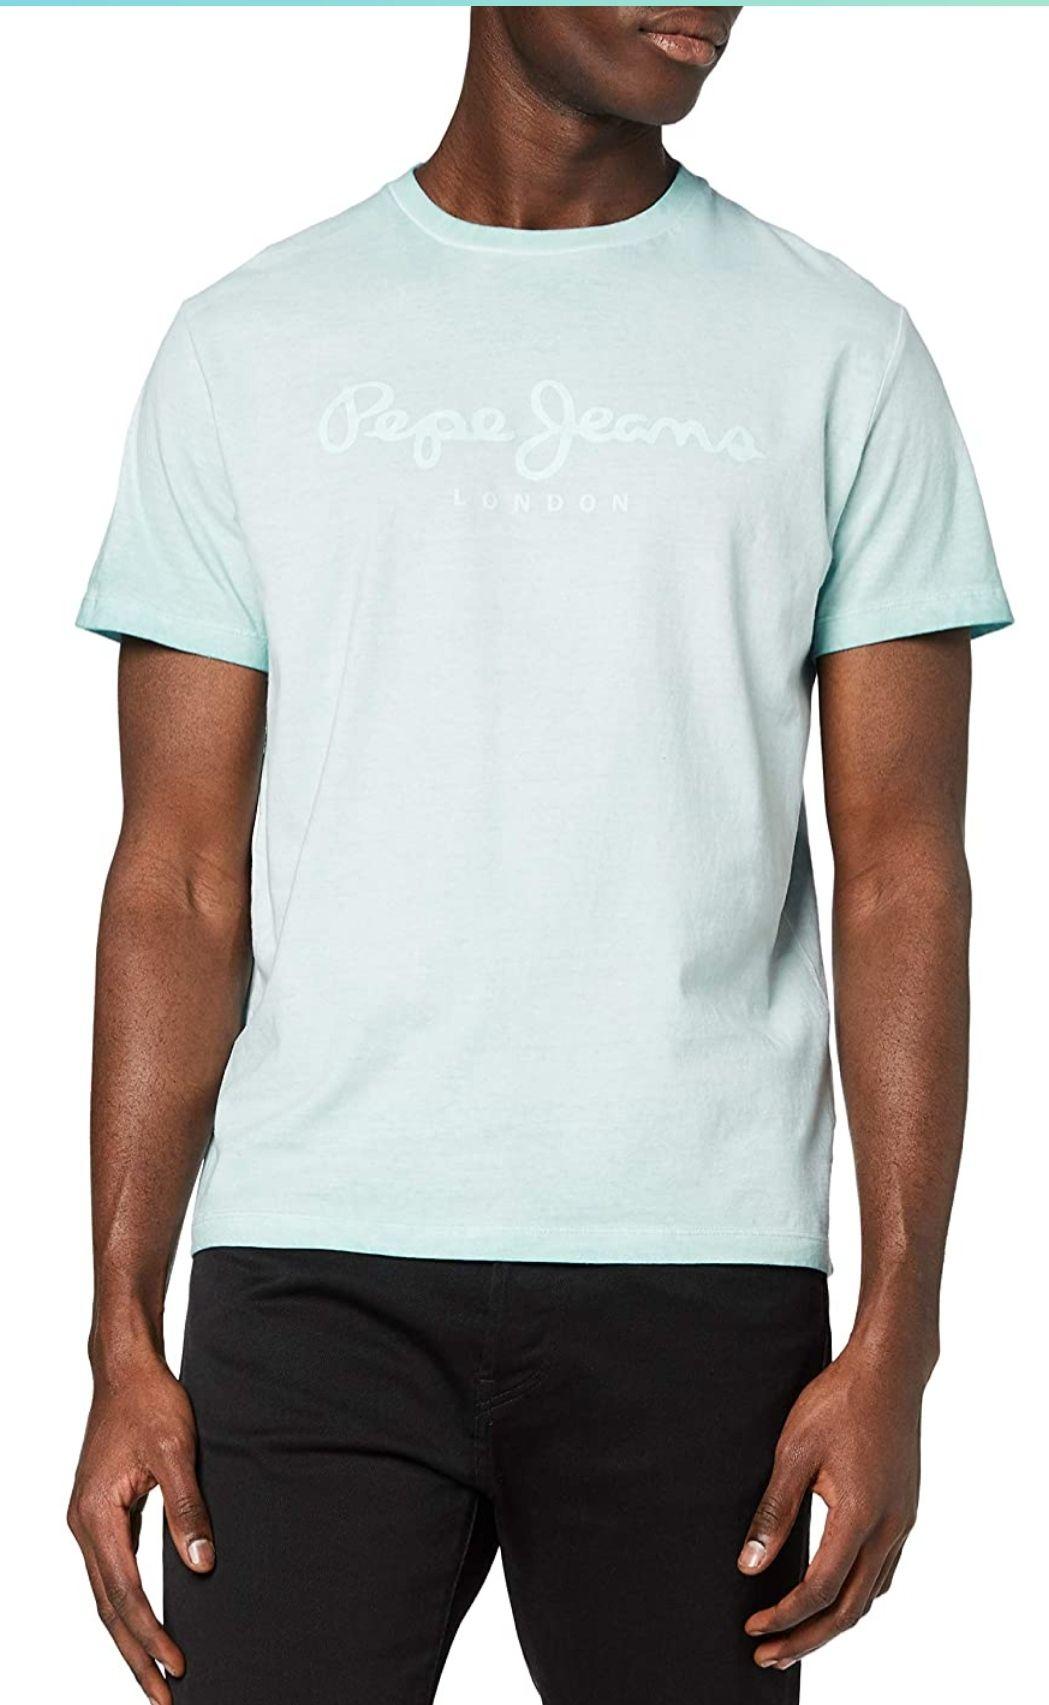 Camiseta Pepe jeans 100% algodón. Talla M. Talla S - 9.30€/ Talla L - 10,50€/ Talla XL - 7,56€